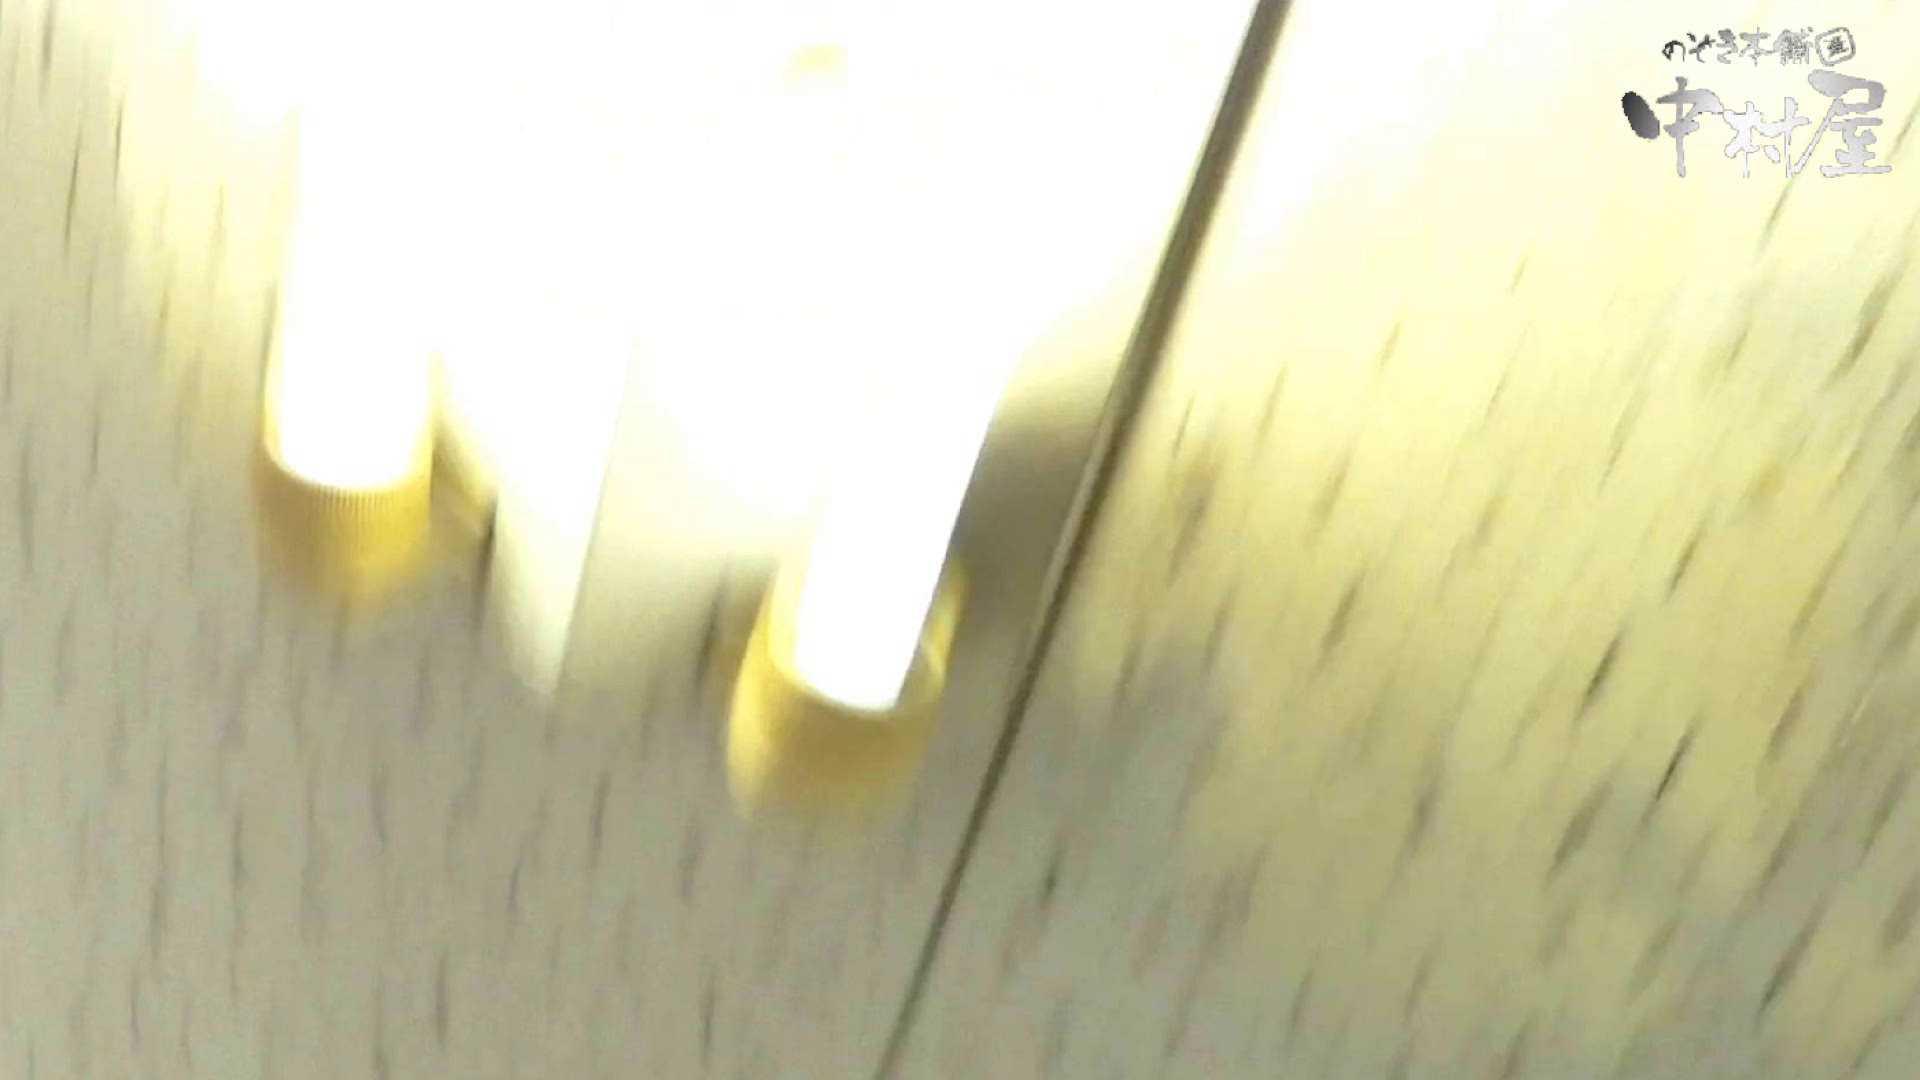 お待たせしました始動します‼雅さんの独断と偏見で集めた動画集 Vol.8 OL  69pic 56